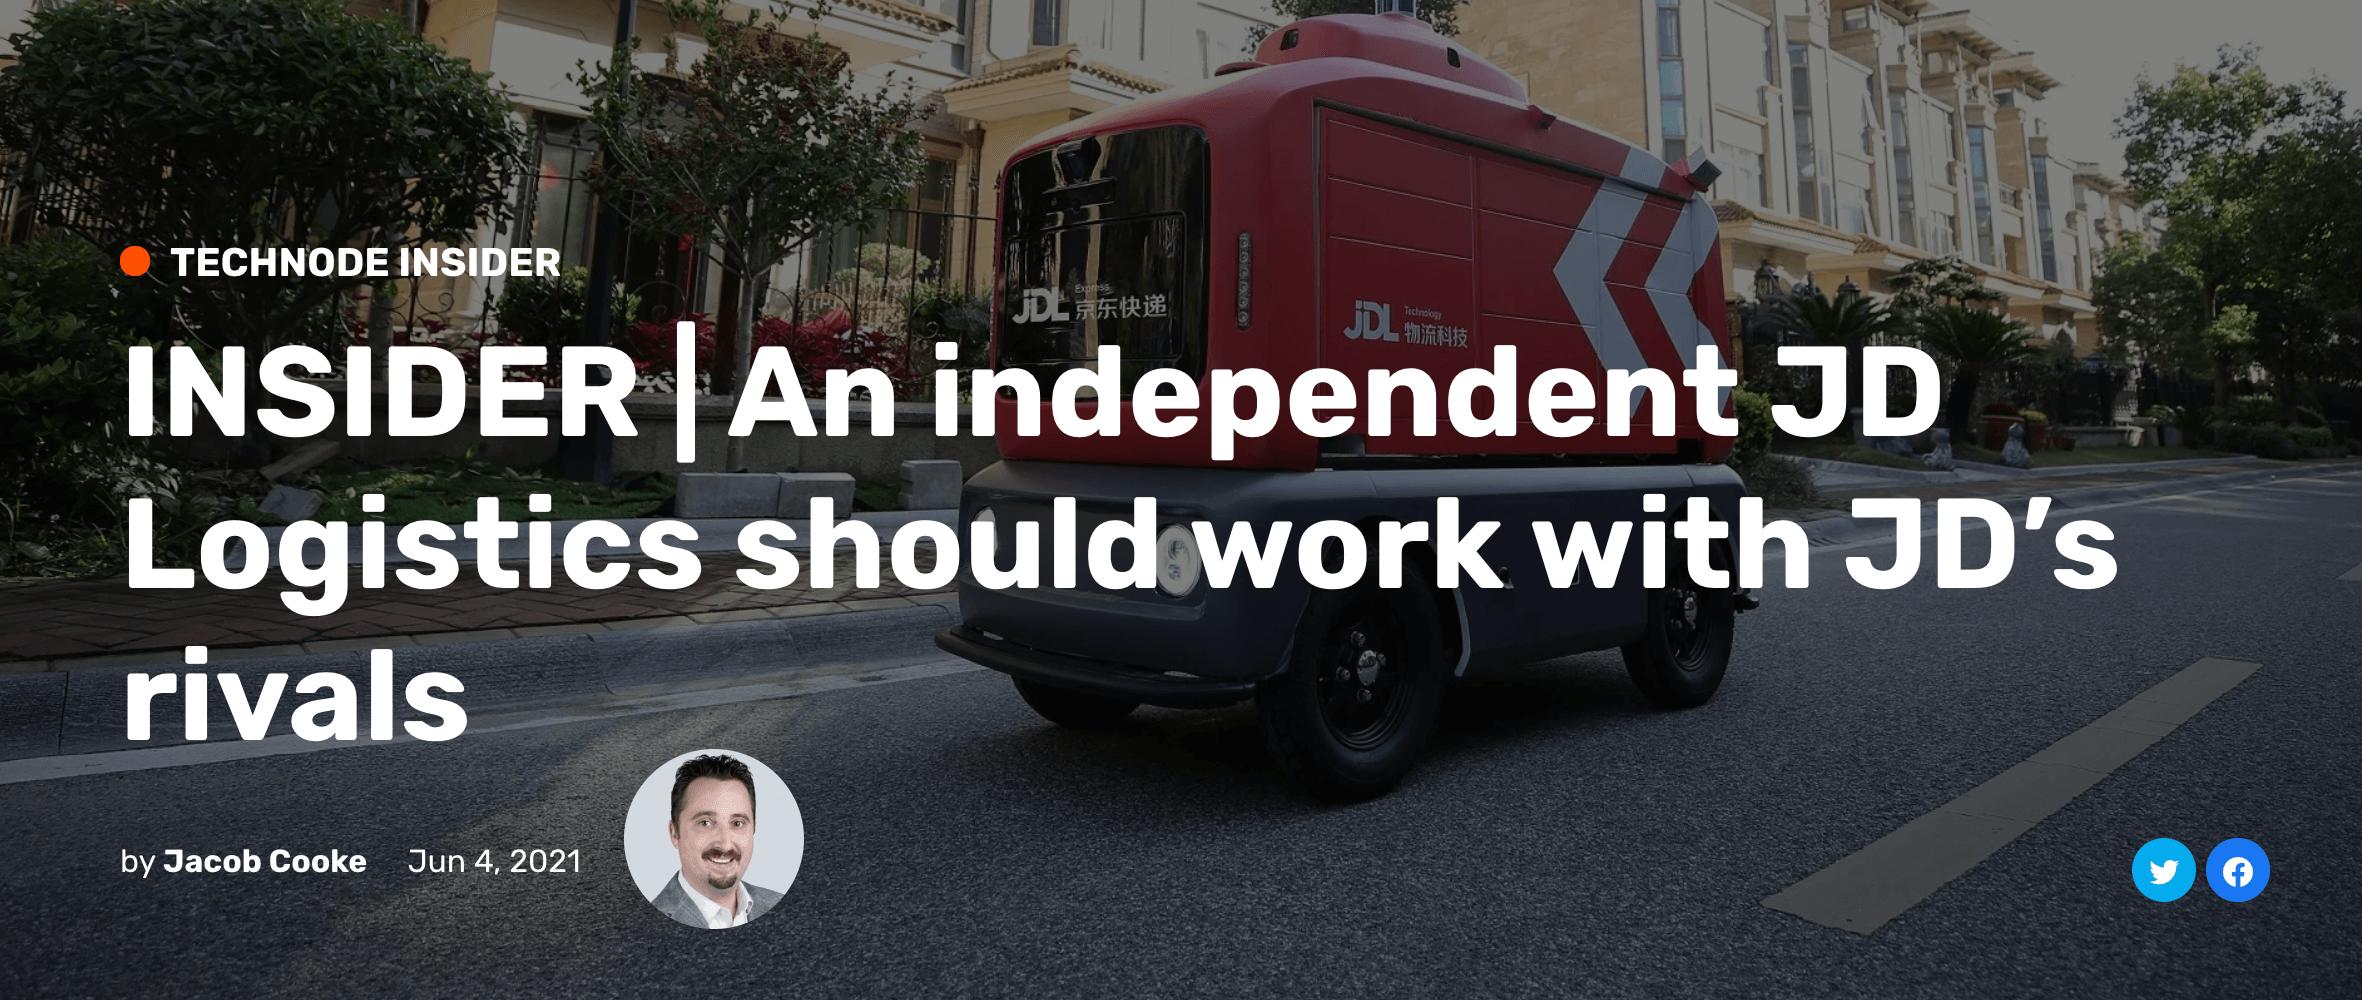 TechNode: An independent JD Logistics should work with JD's rivals